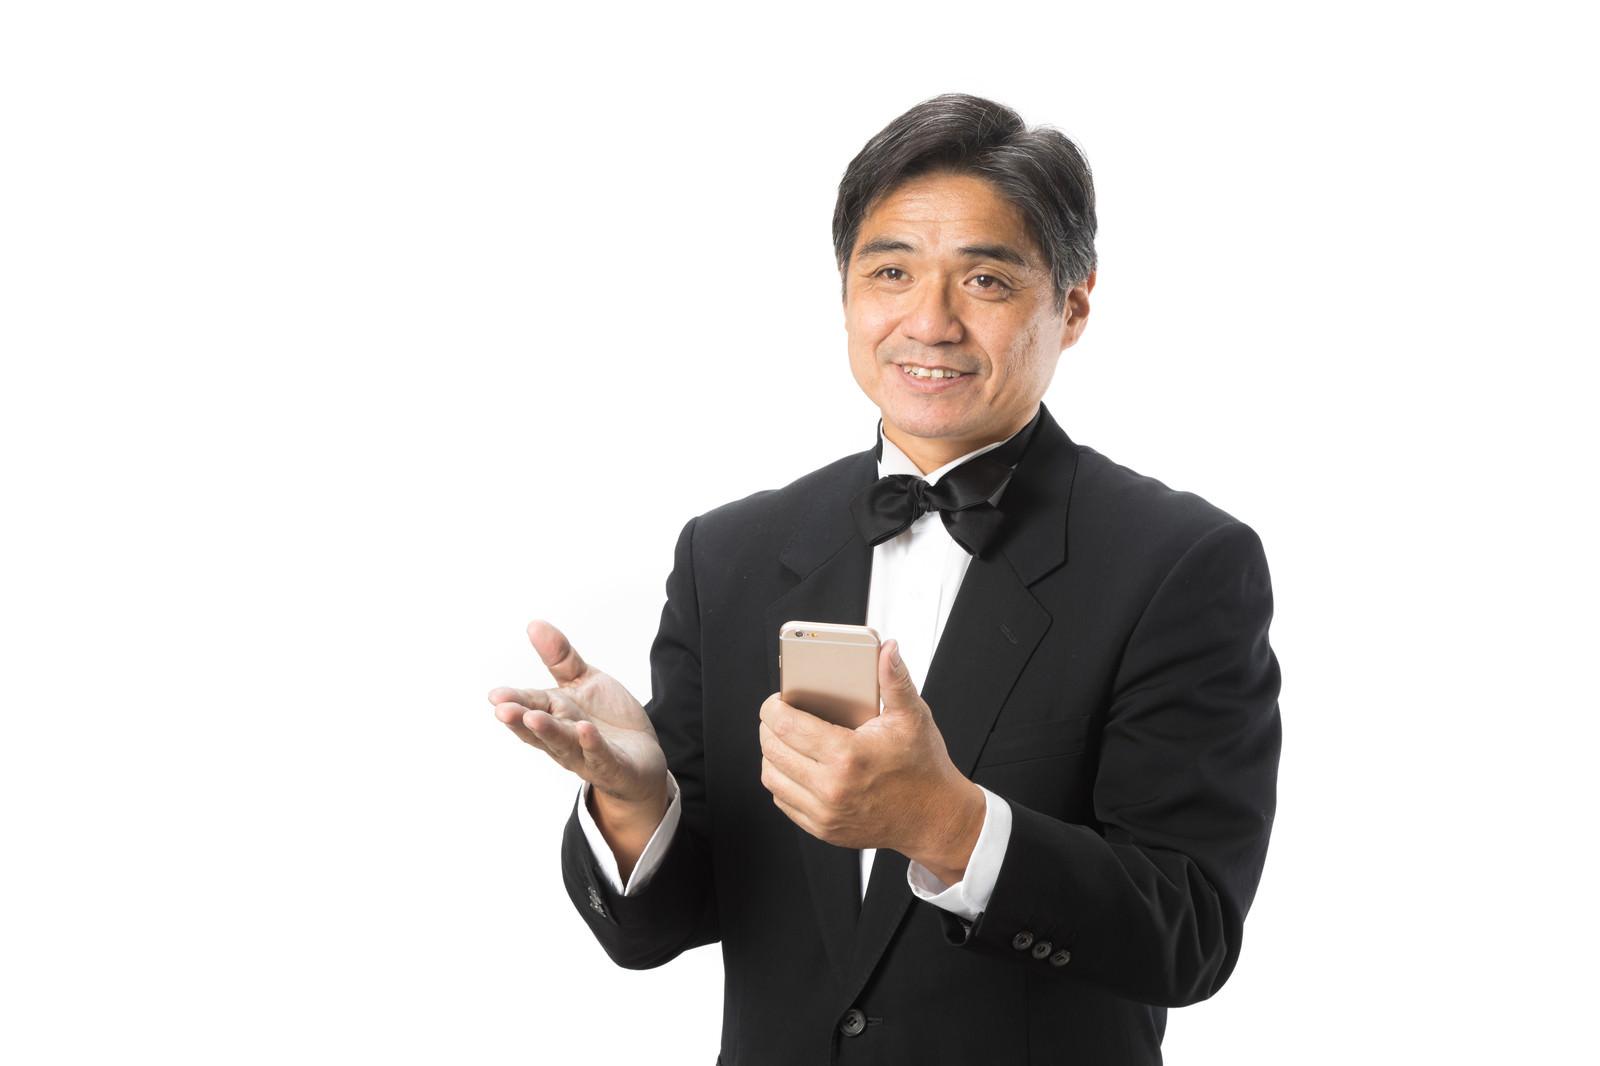 「スマホで予約を確認するホテルマンスマホで予約を確認するホテルマン」[モデル:よたか]のフリー写真素材を拡大